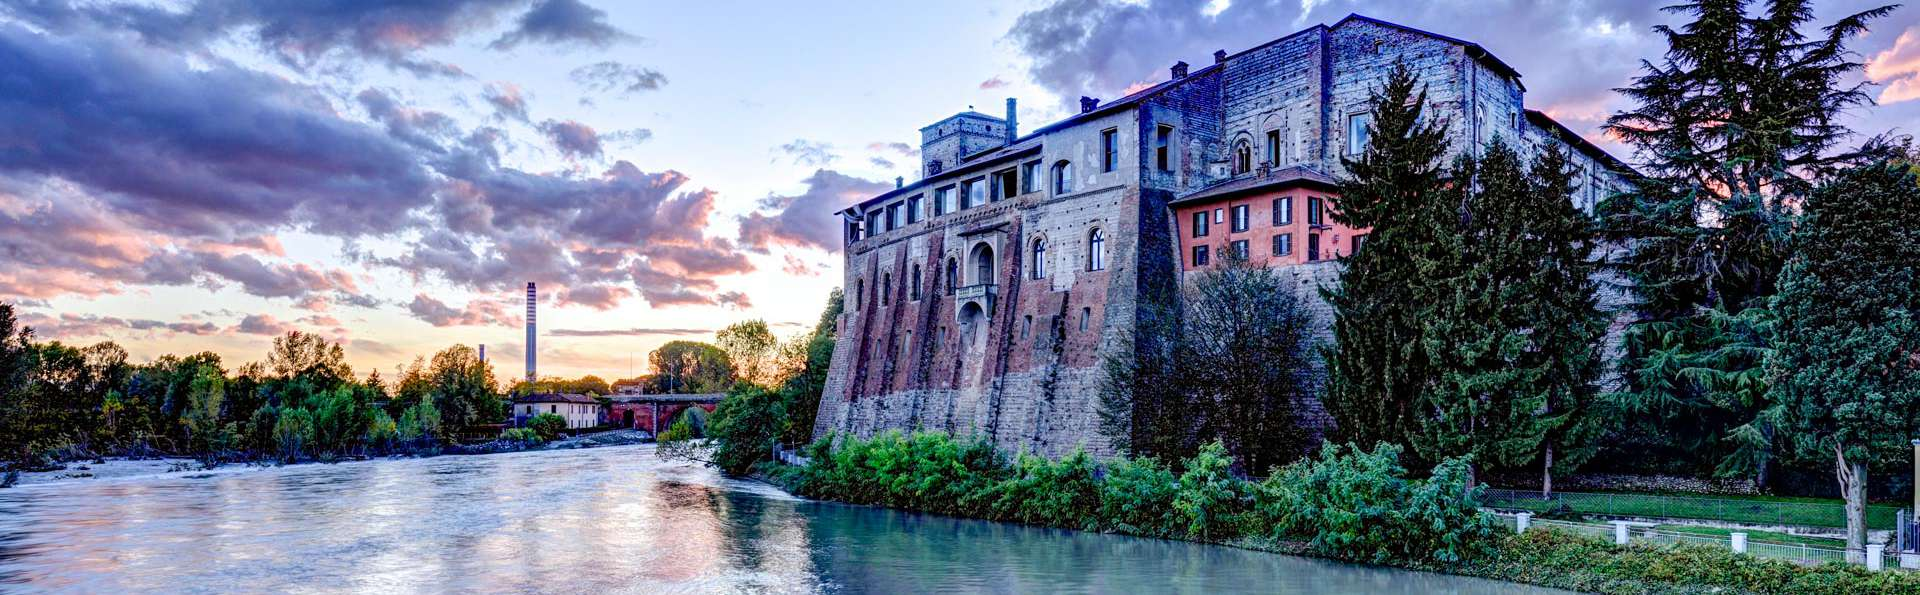 Charme au bord de la rivière Adda près de Monza